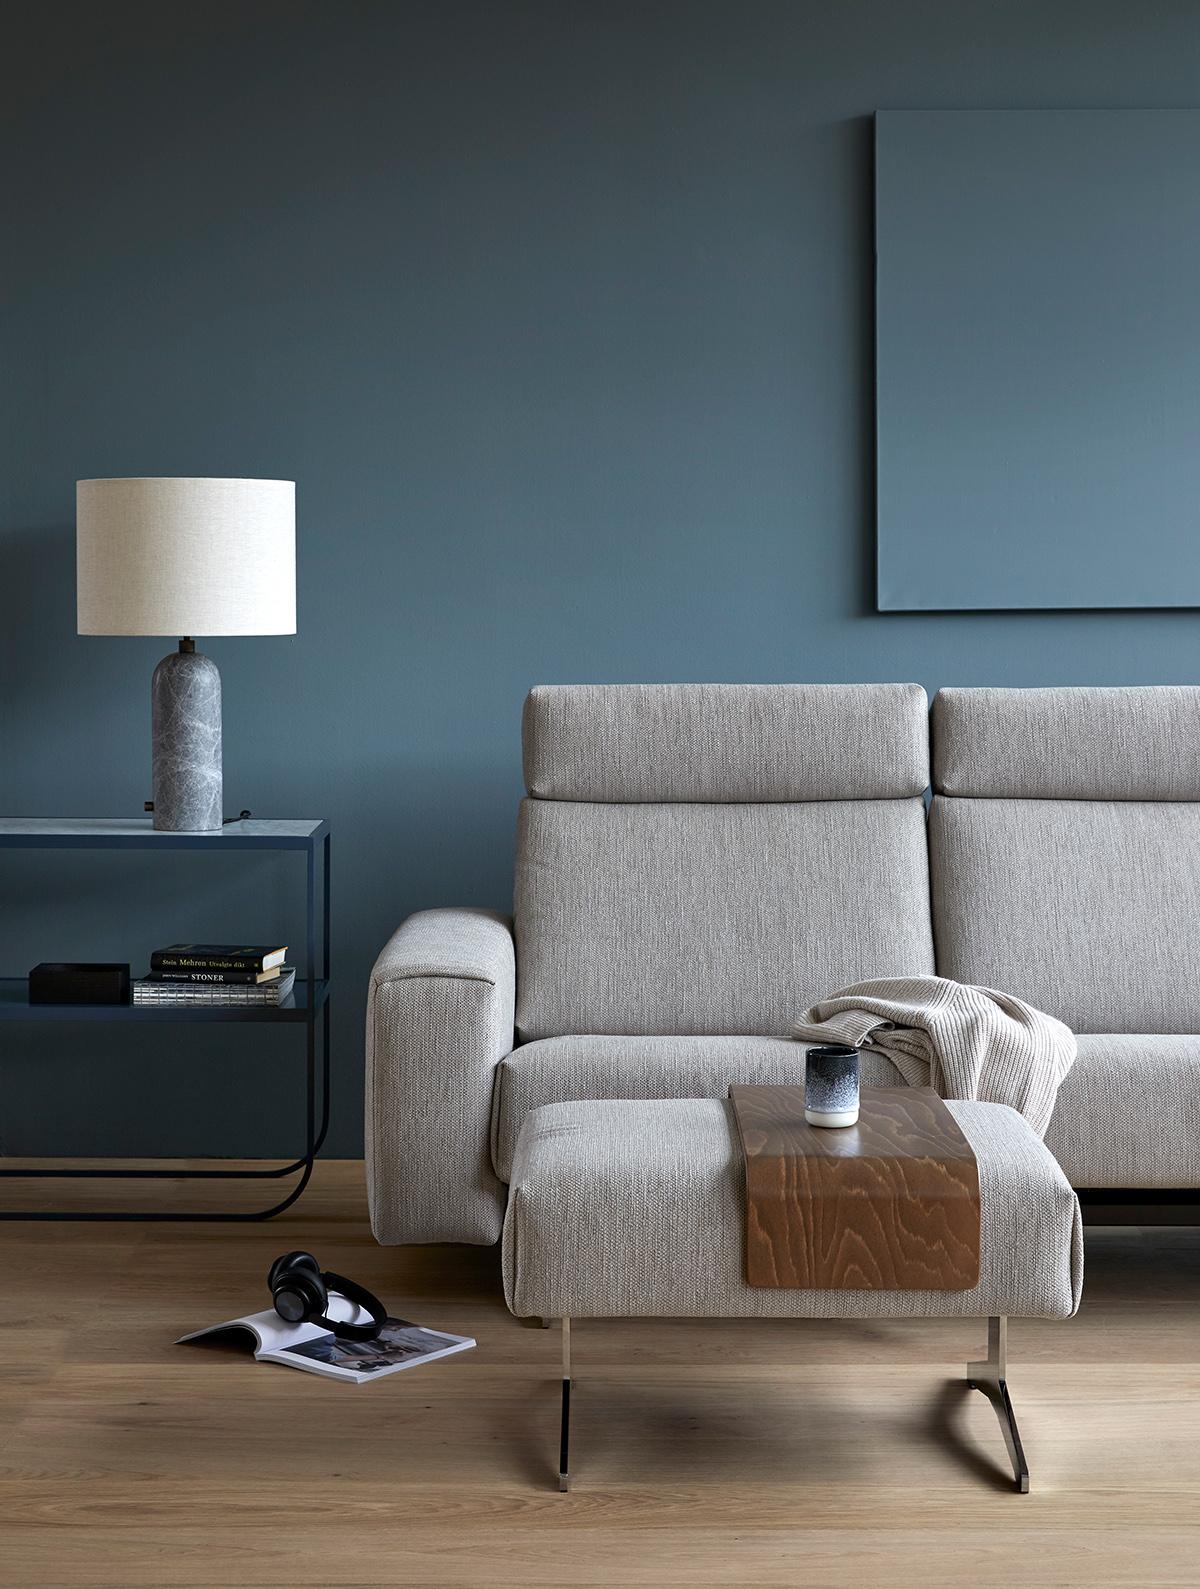 Verwendet beim Frühjahrsputz das passende Pflegemittel für euer Stressless Stoff-Sofa.